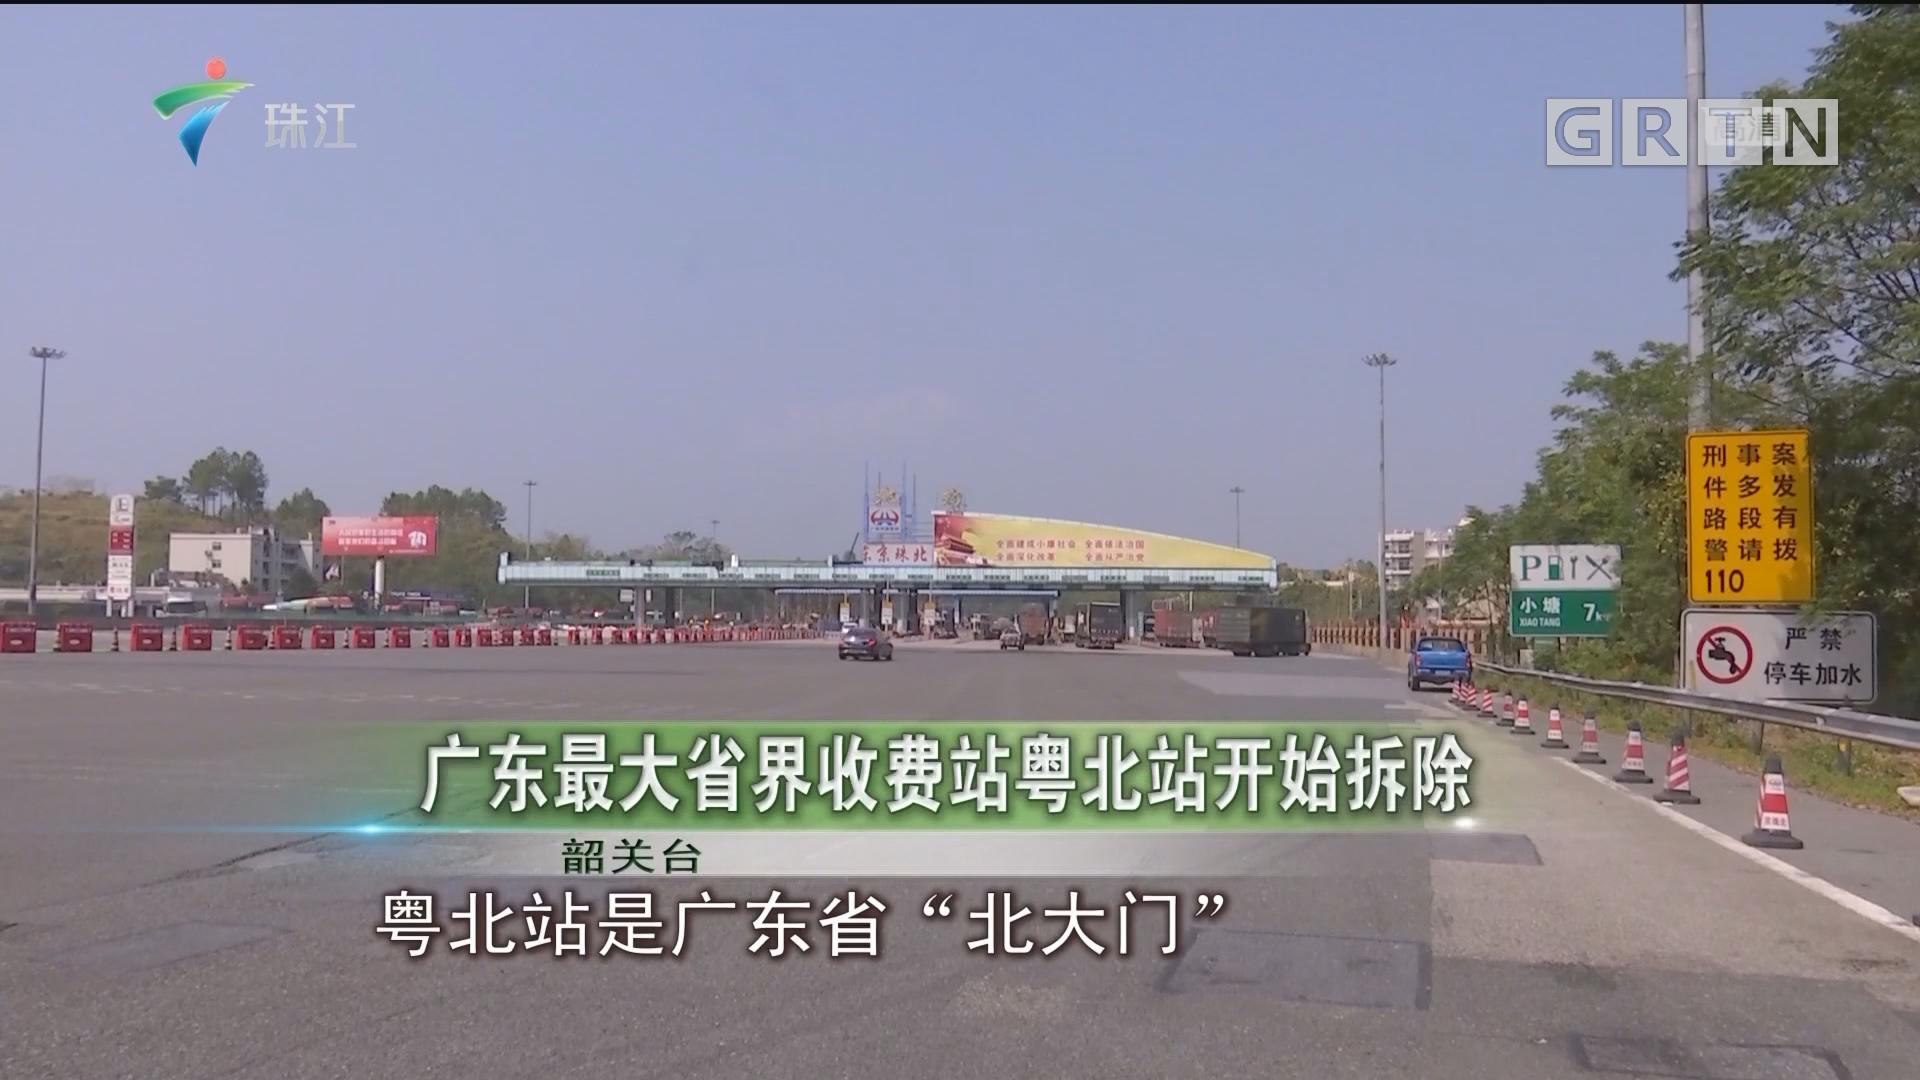 广东最大省界收费站粤北站开始拆除